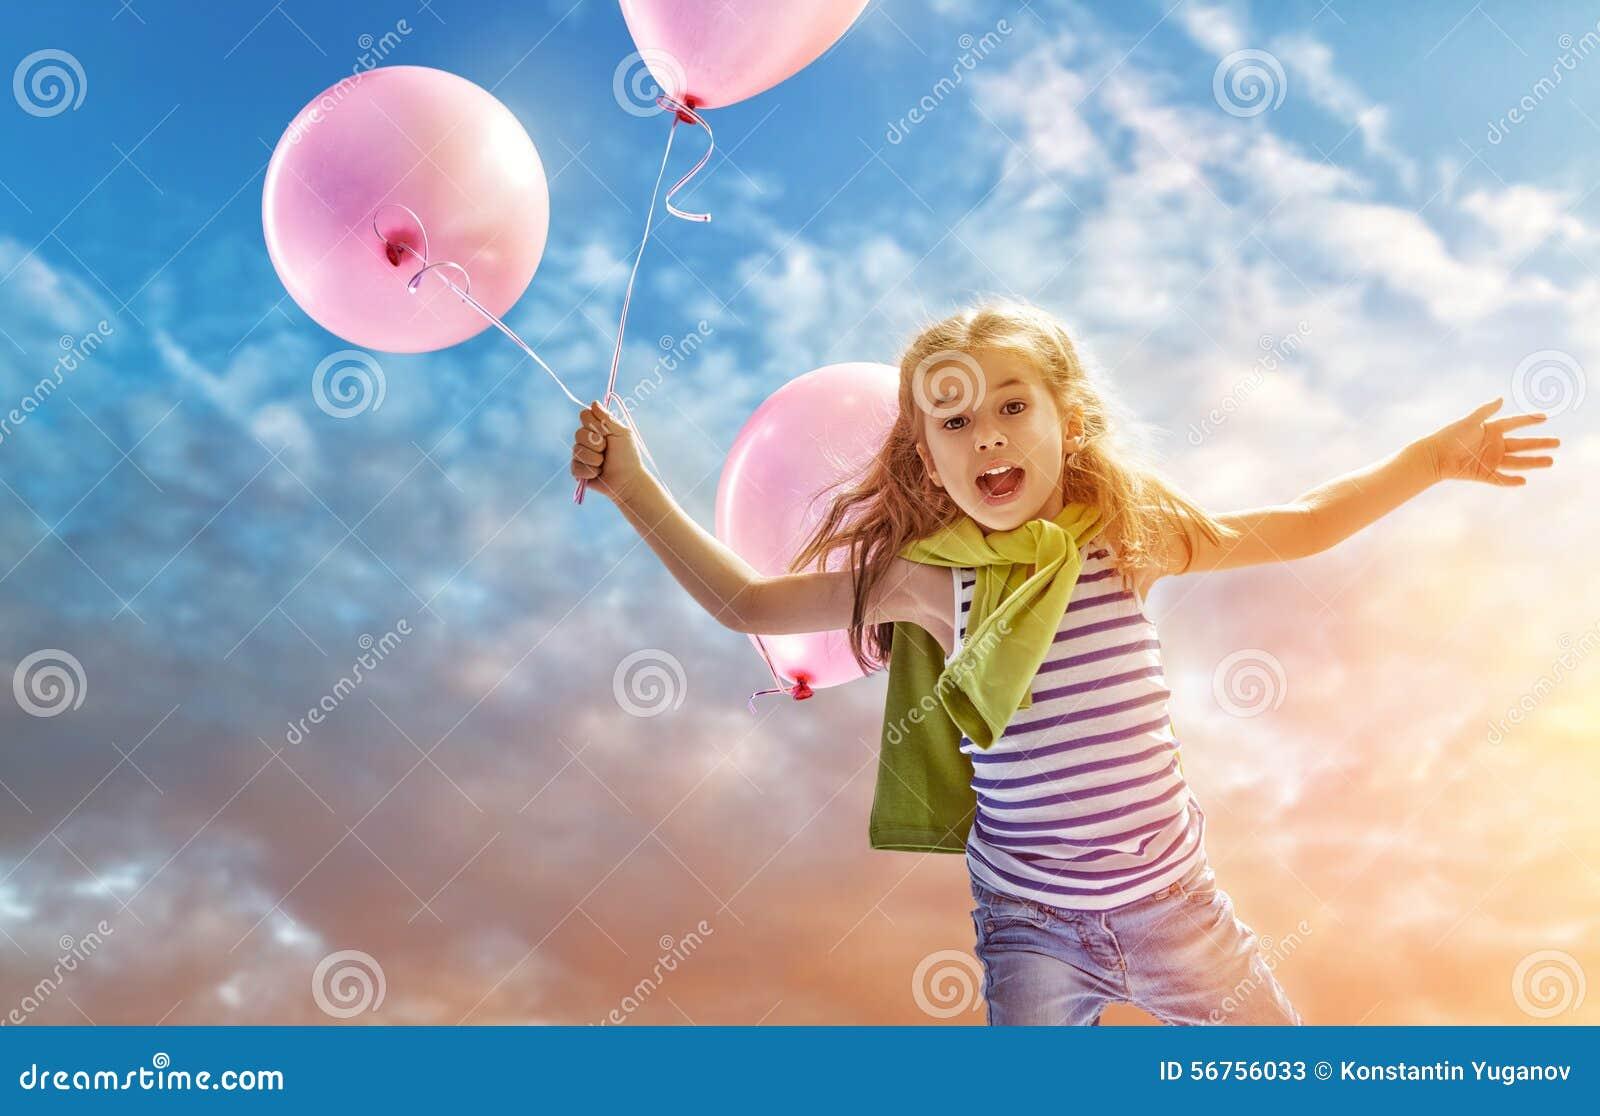 拿着桃红色气球的小女孩.图片